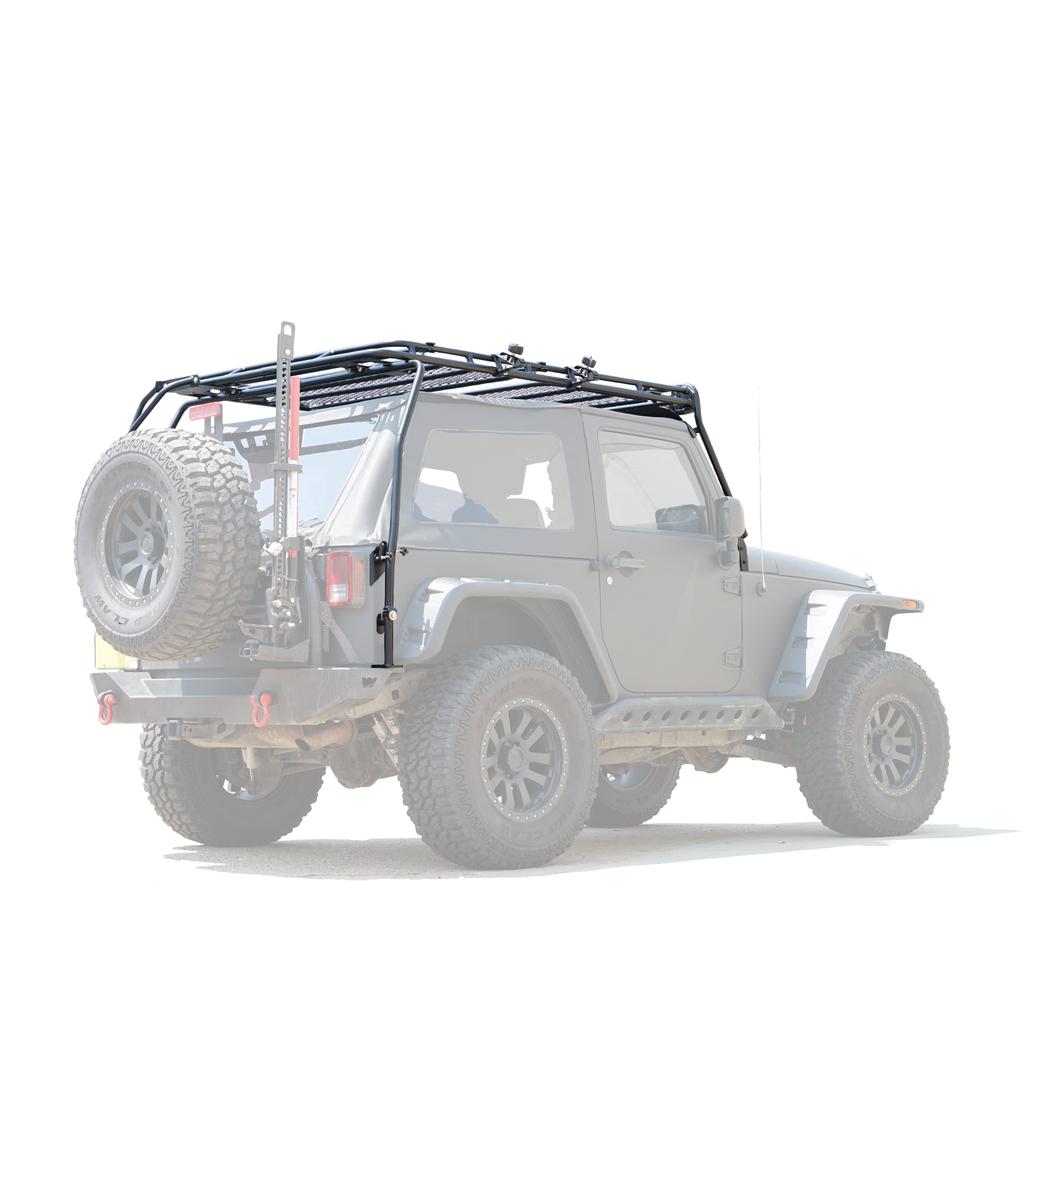 jeep jk 2door stealth rack 40 led setup